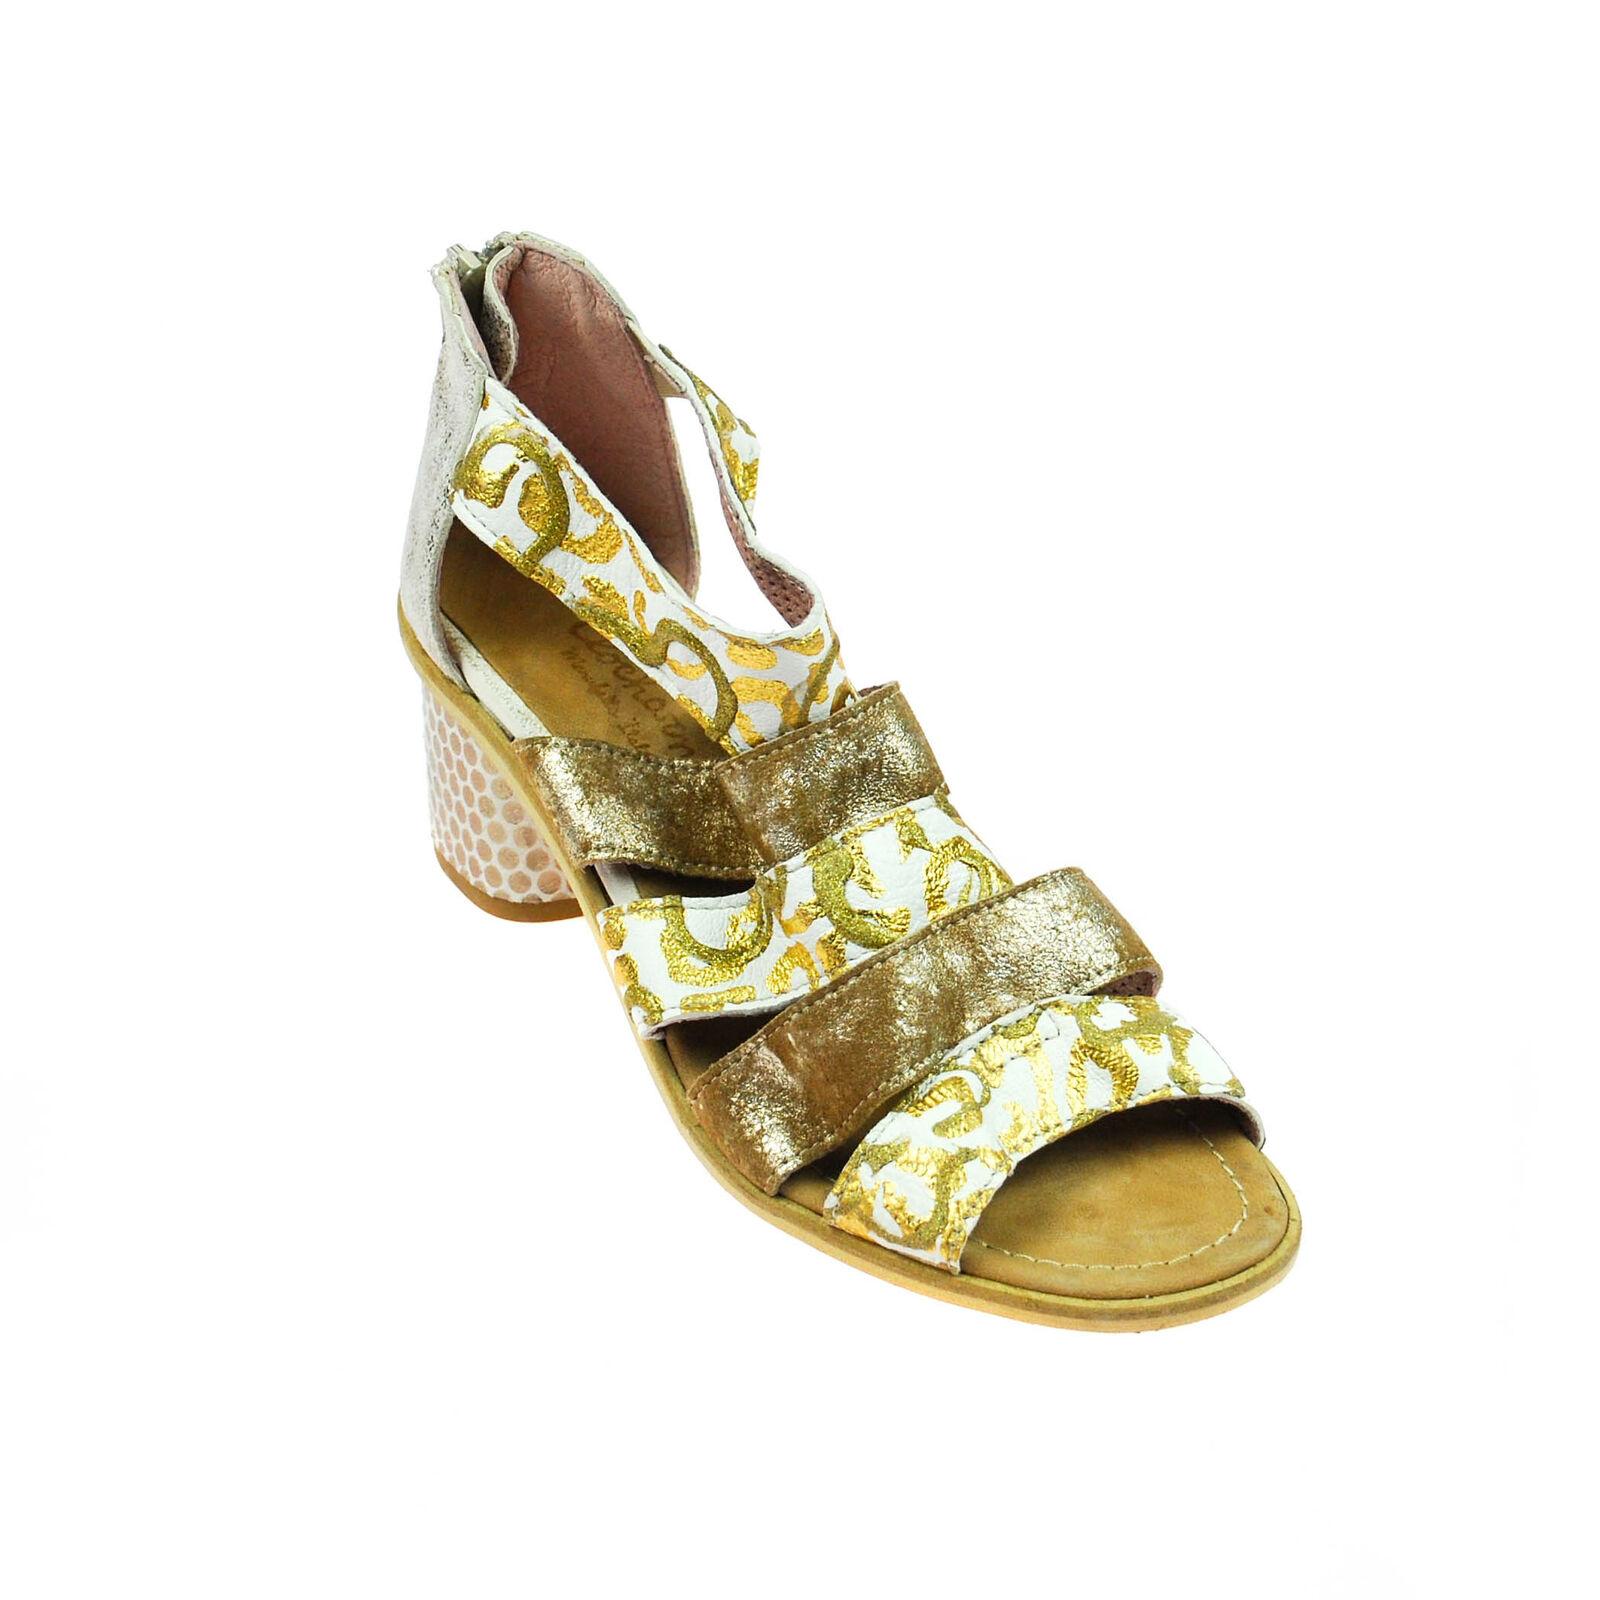 Fascino Sandalo Da Donna Scarpe Basse Aperta in Pelle oro Marronee Bianco Taglia 37